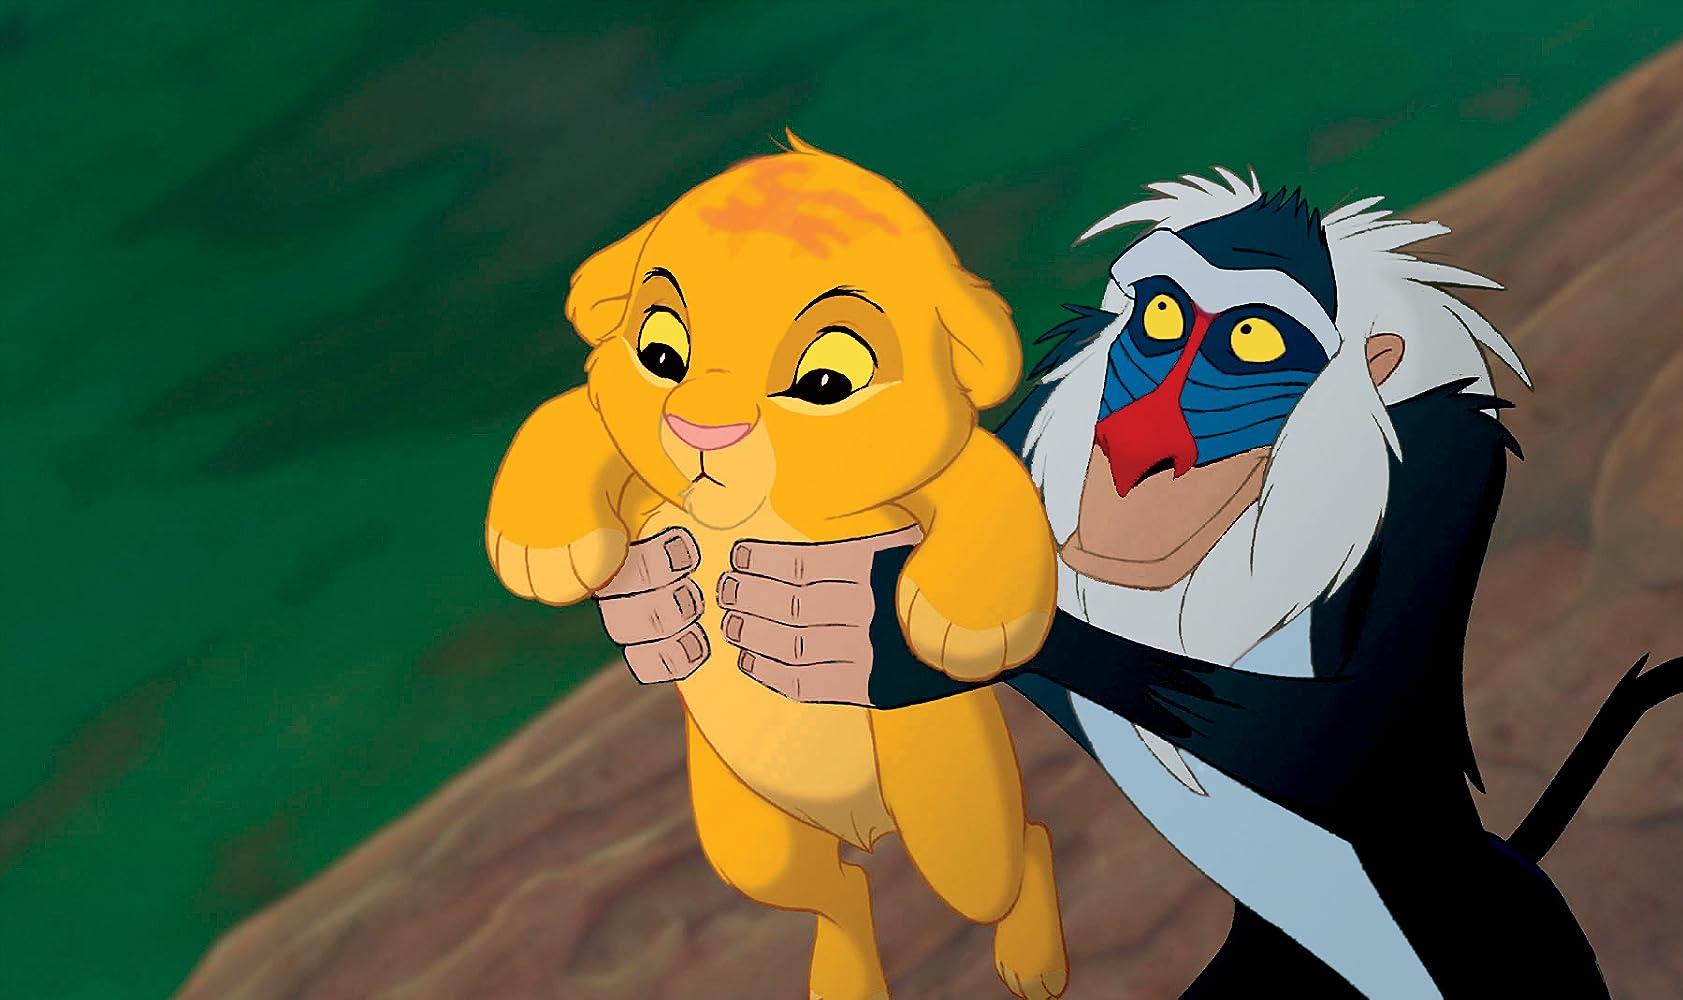 Para penghuni hutan menyambut kelahiran Simba yang kelak akan menjadi pemimpin hutan menggantikan raja Musafa.